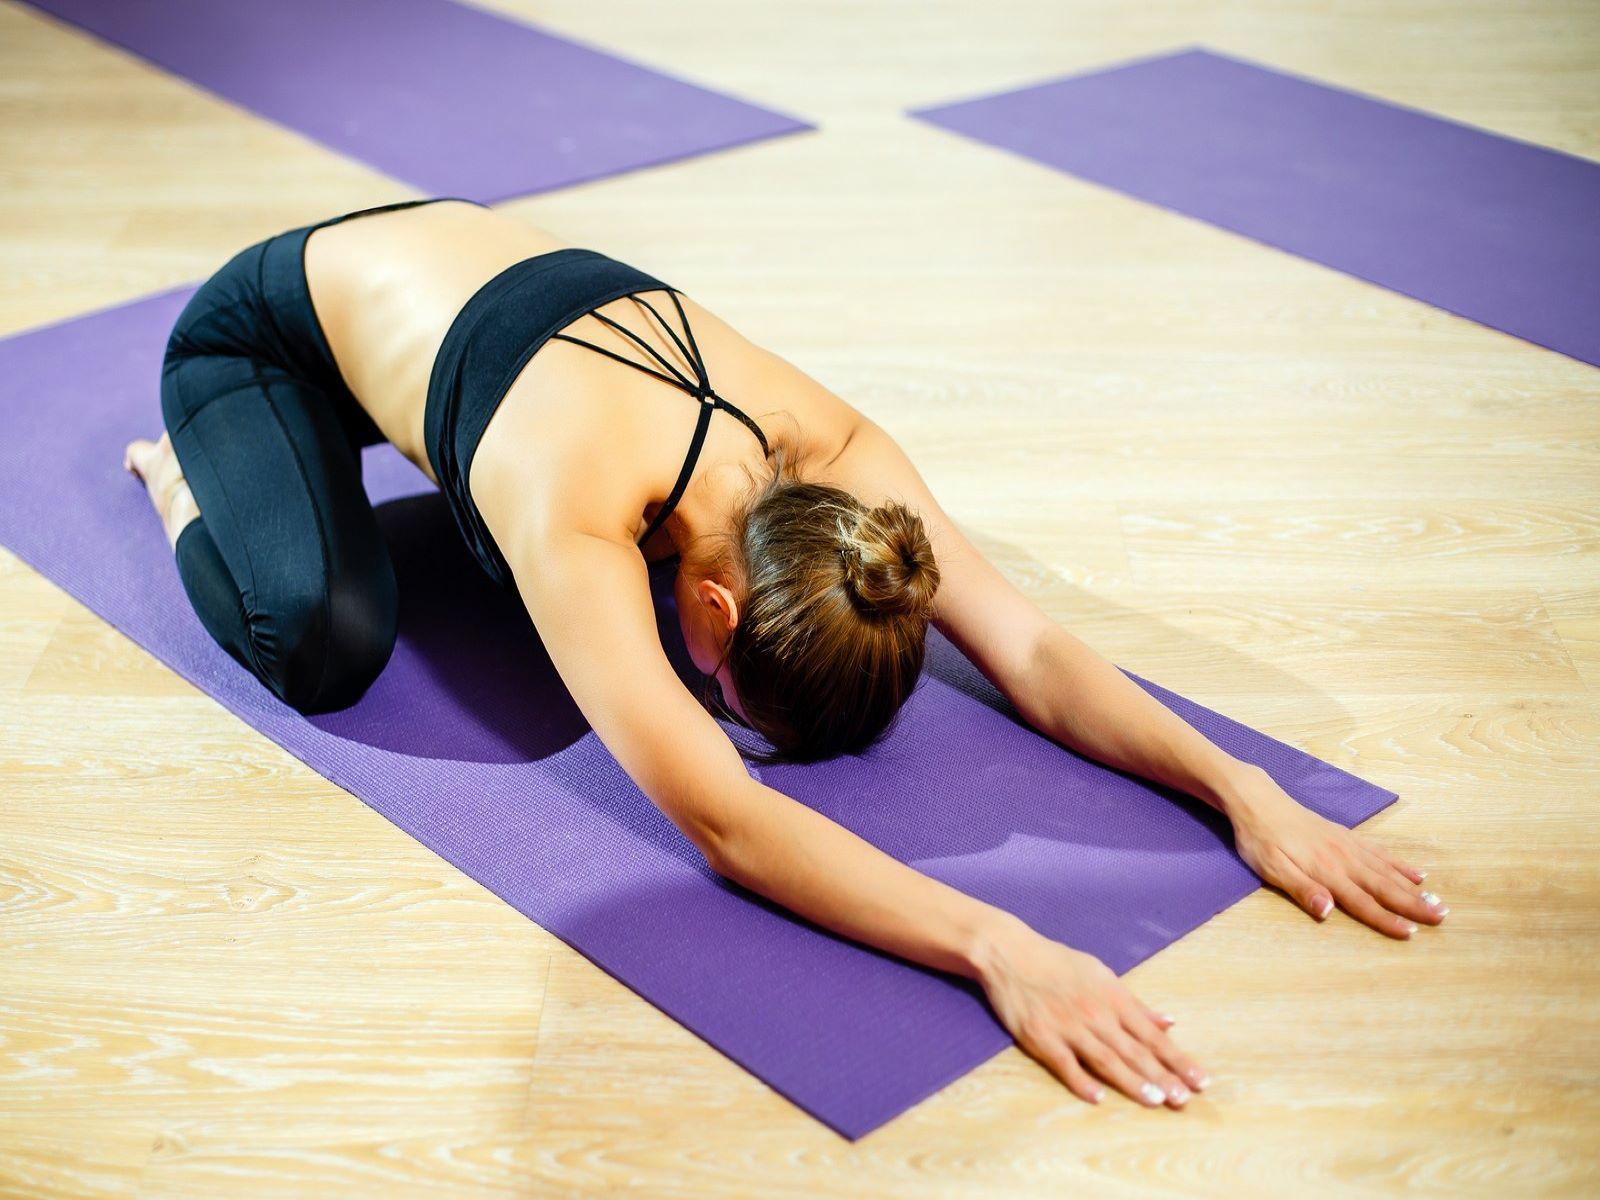 Αθλητισμός: Η άσκηση που ανακουφίζει τα ενοχλητικά συμπτώματα πριν την περίοδο [vid]